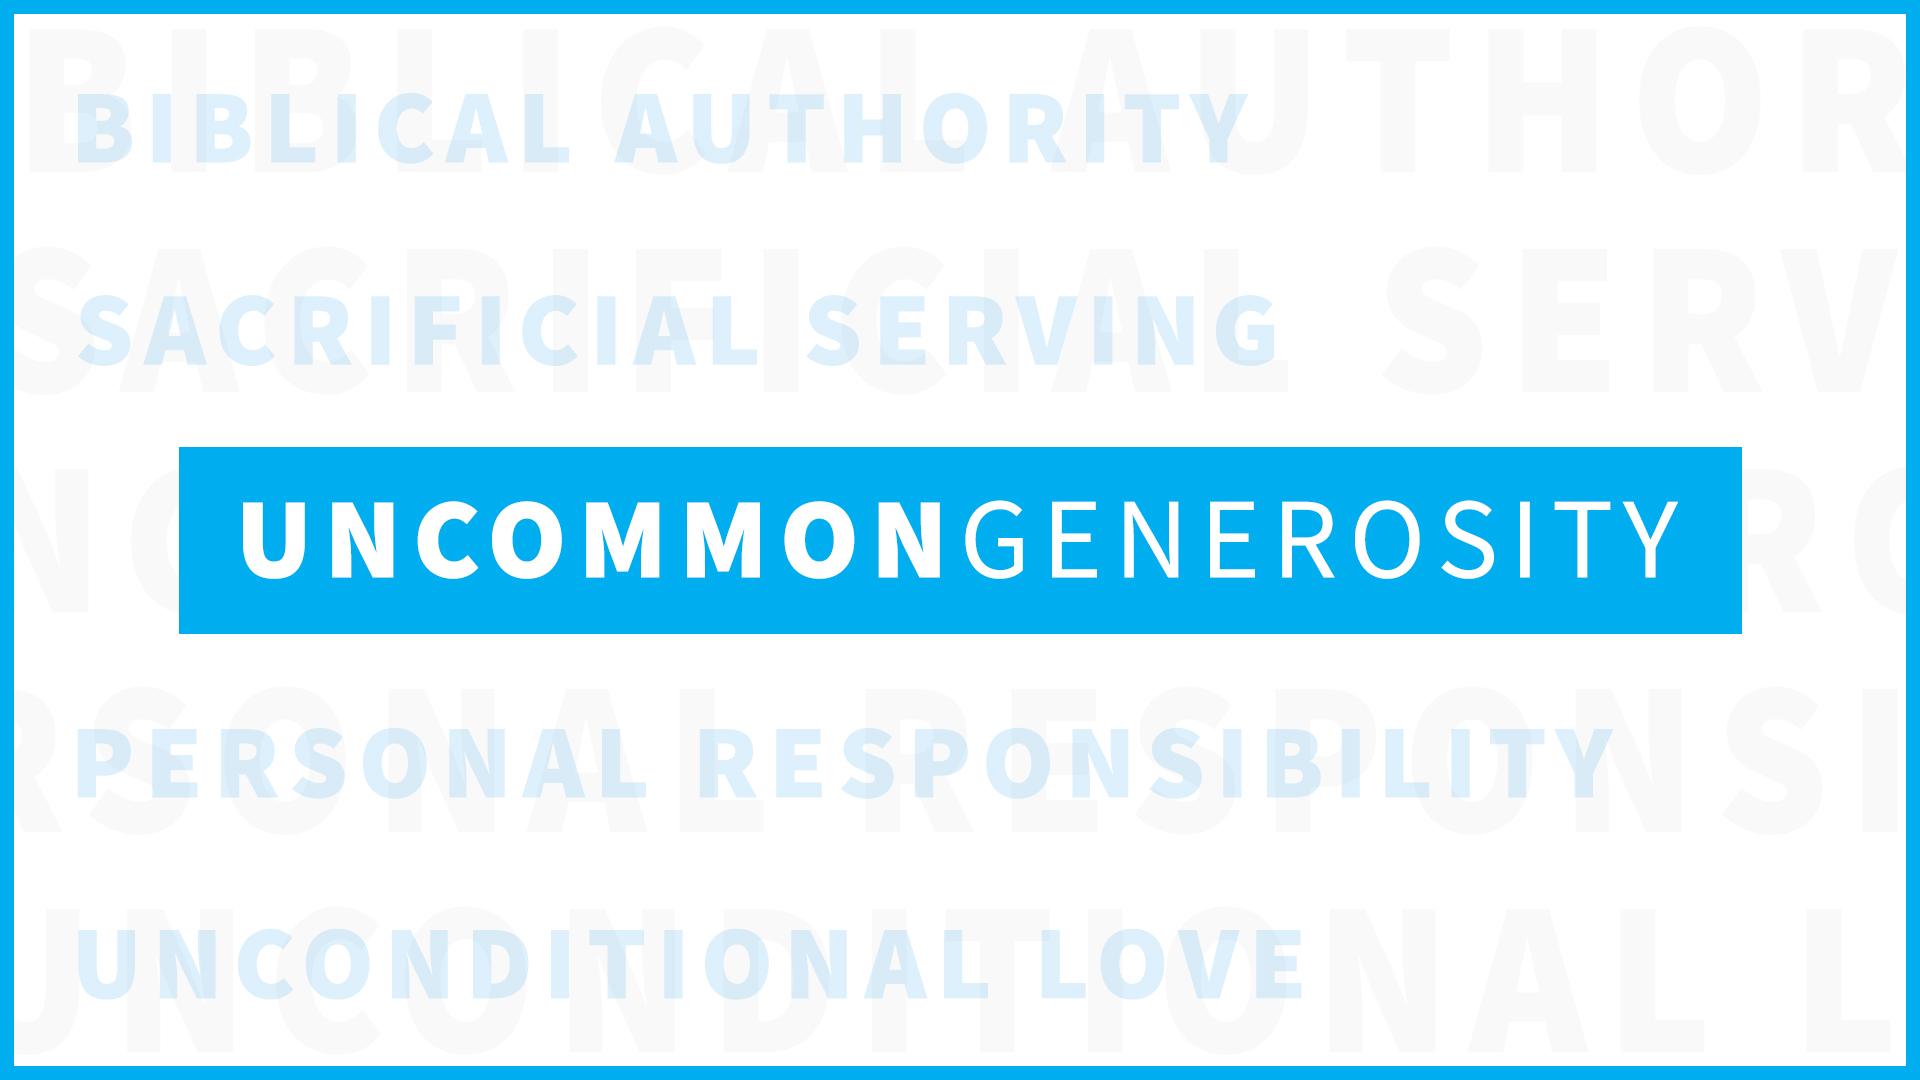 Uncommon Generosity_1920x1080_Alt.jpg